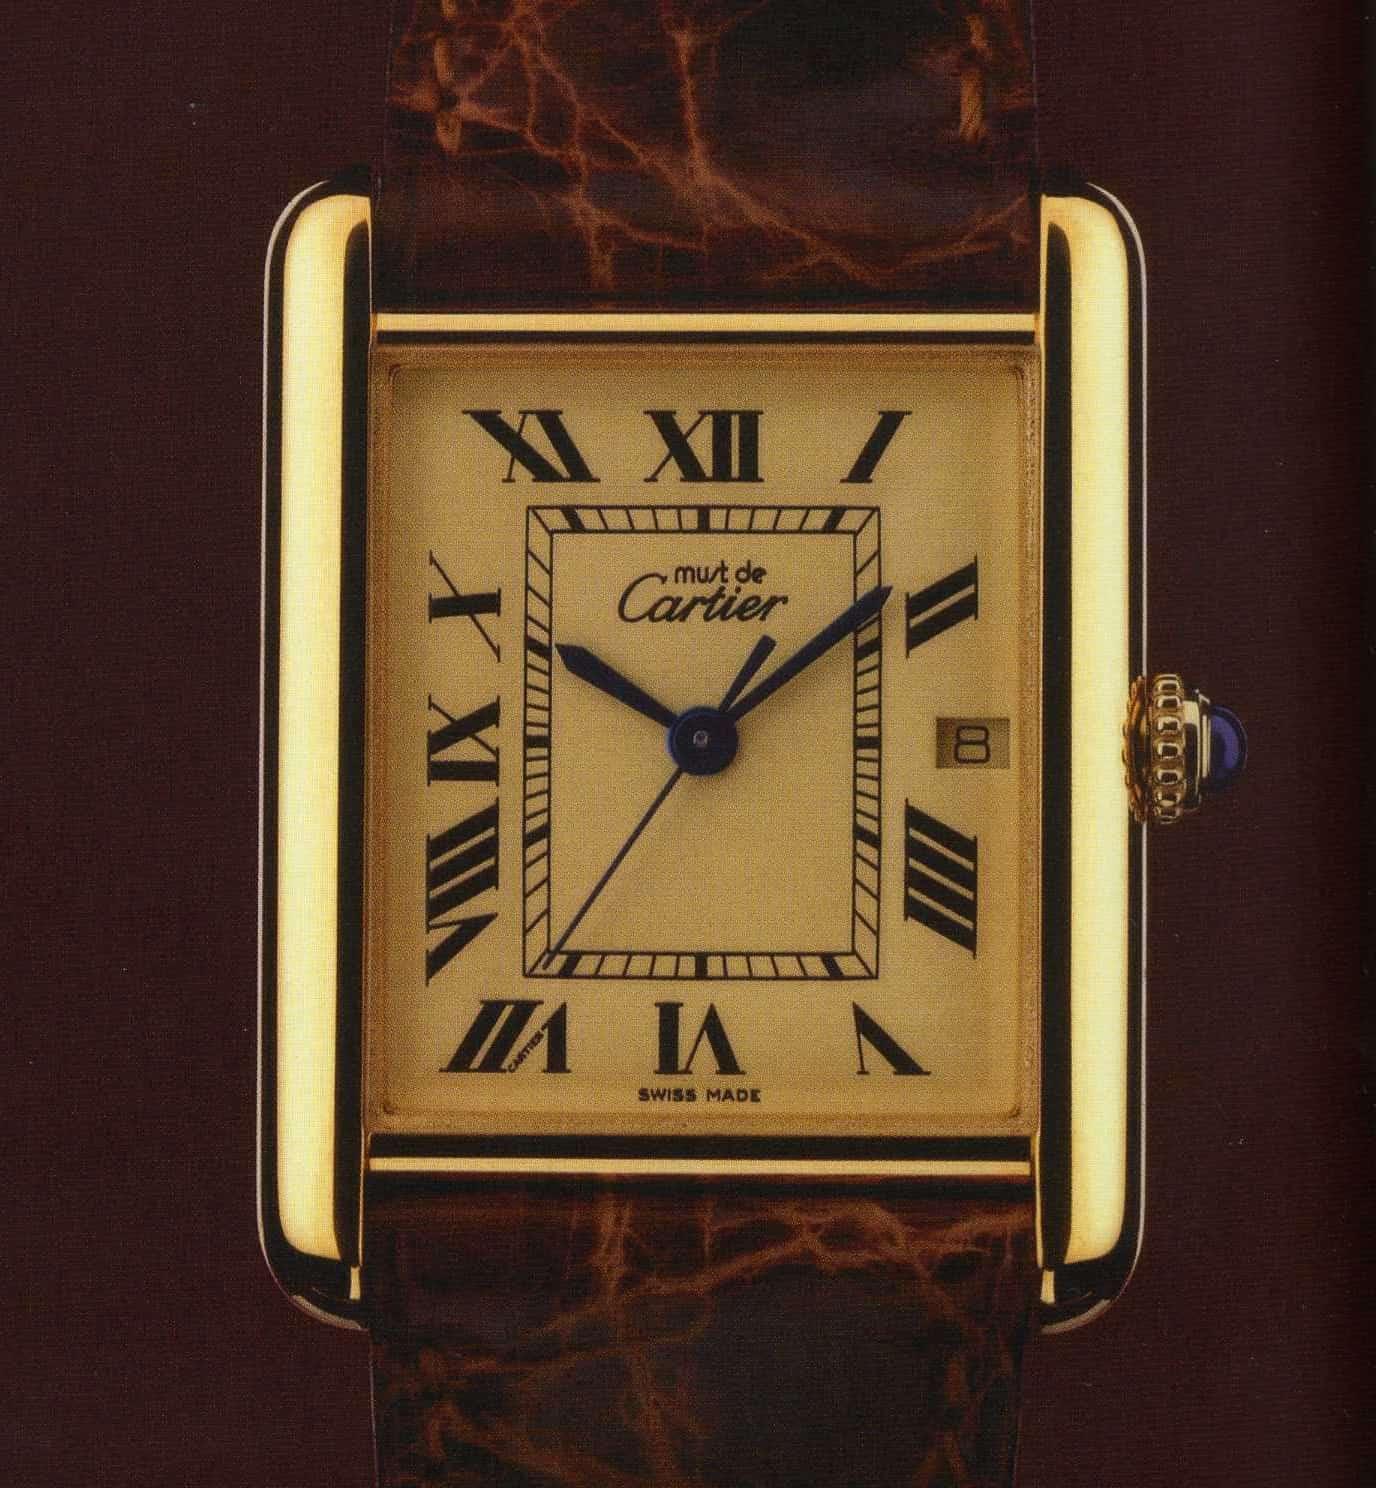 Die erste Les Must de Cartier Tank Uhr von 1977